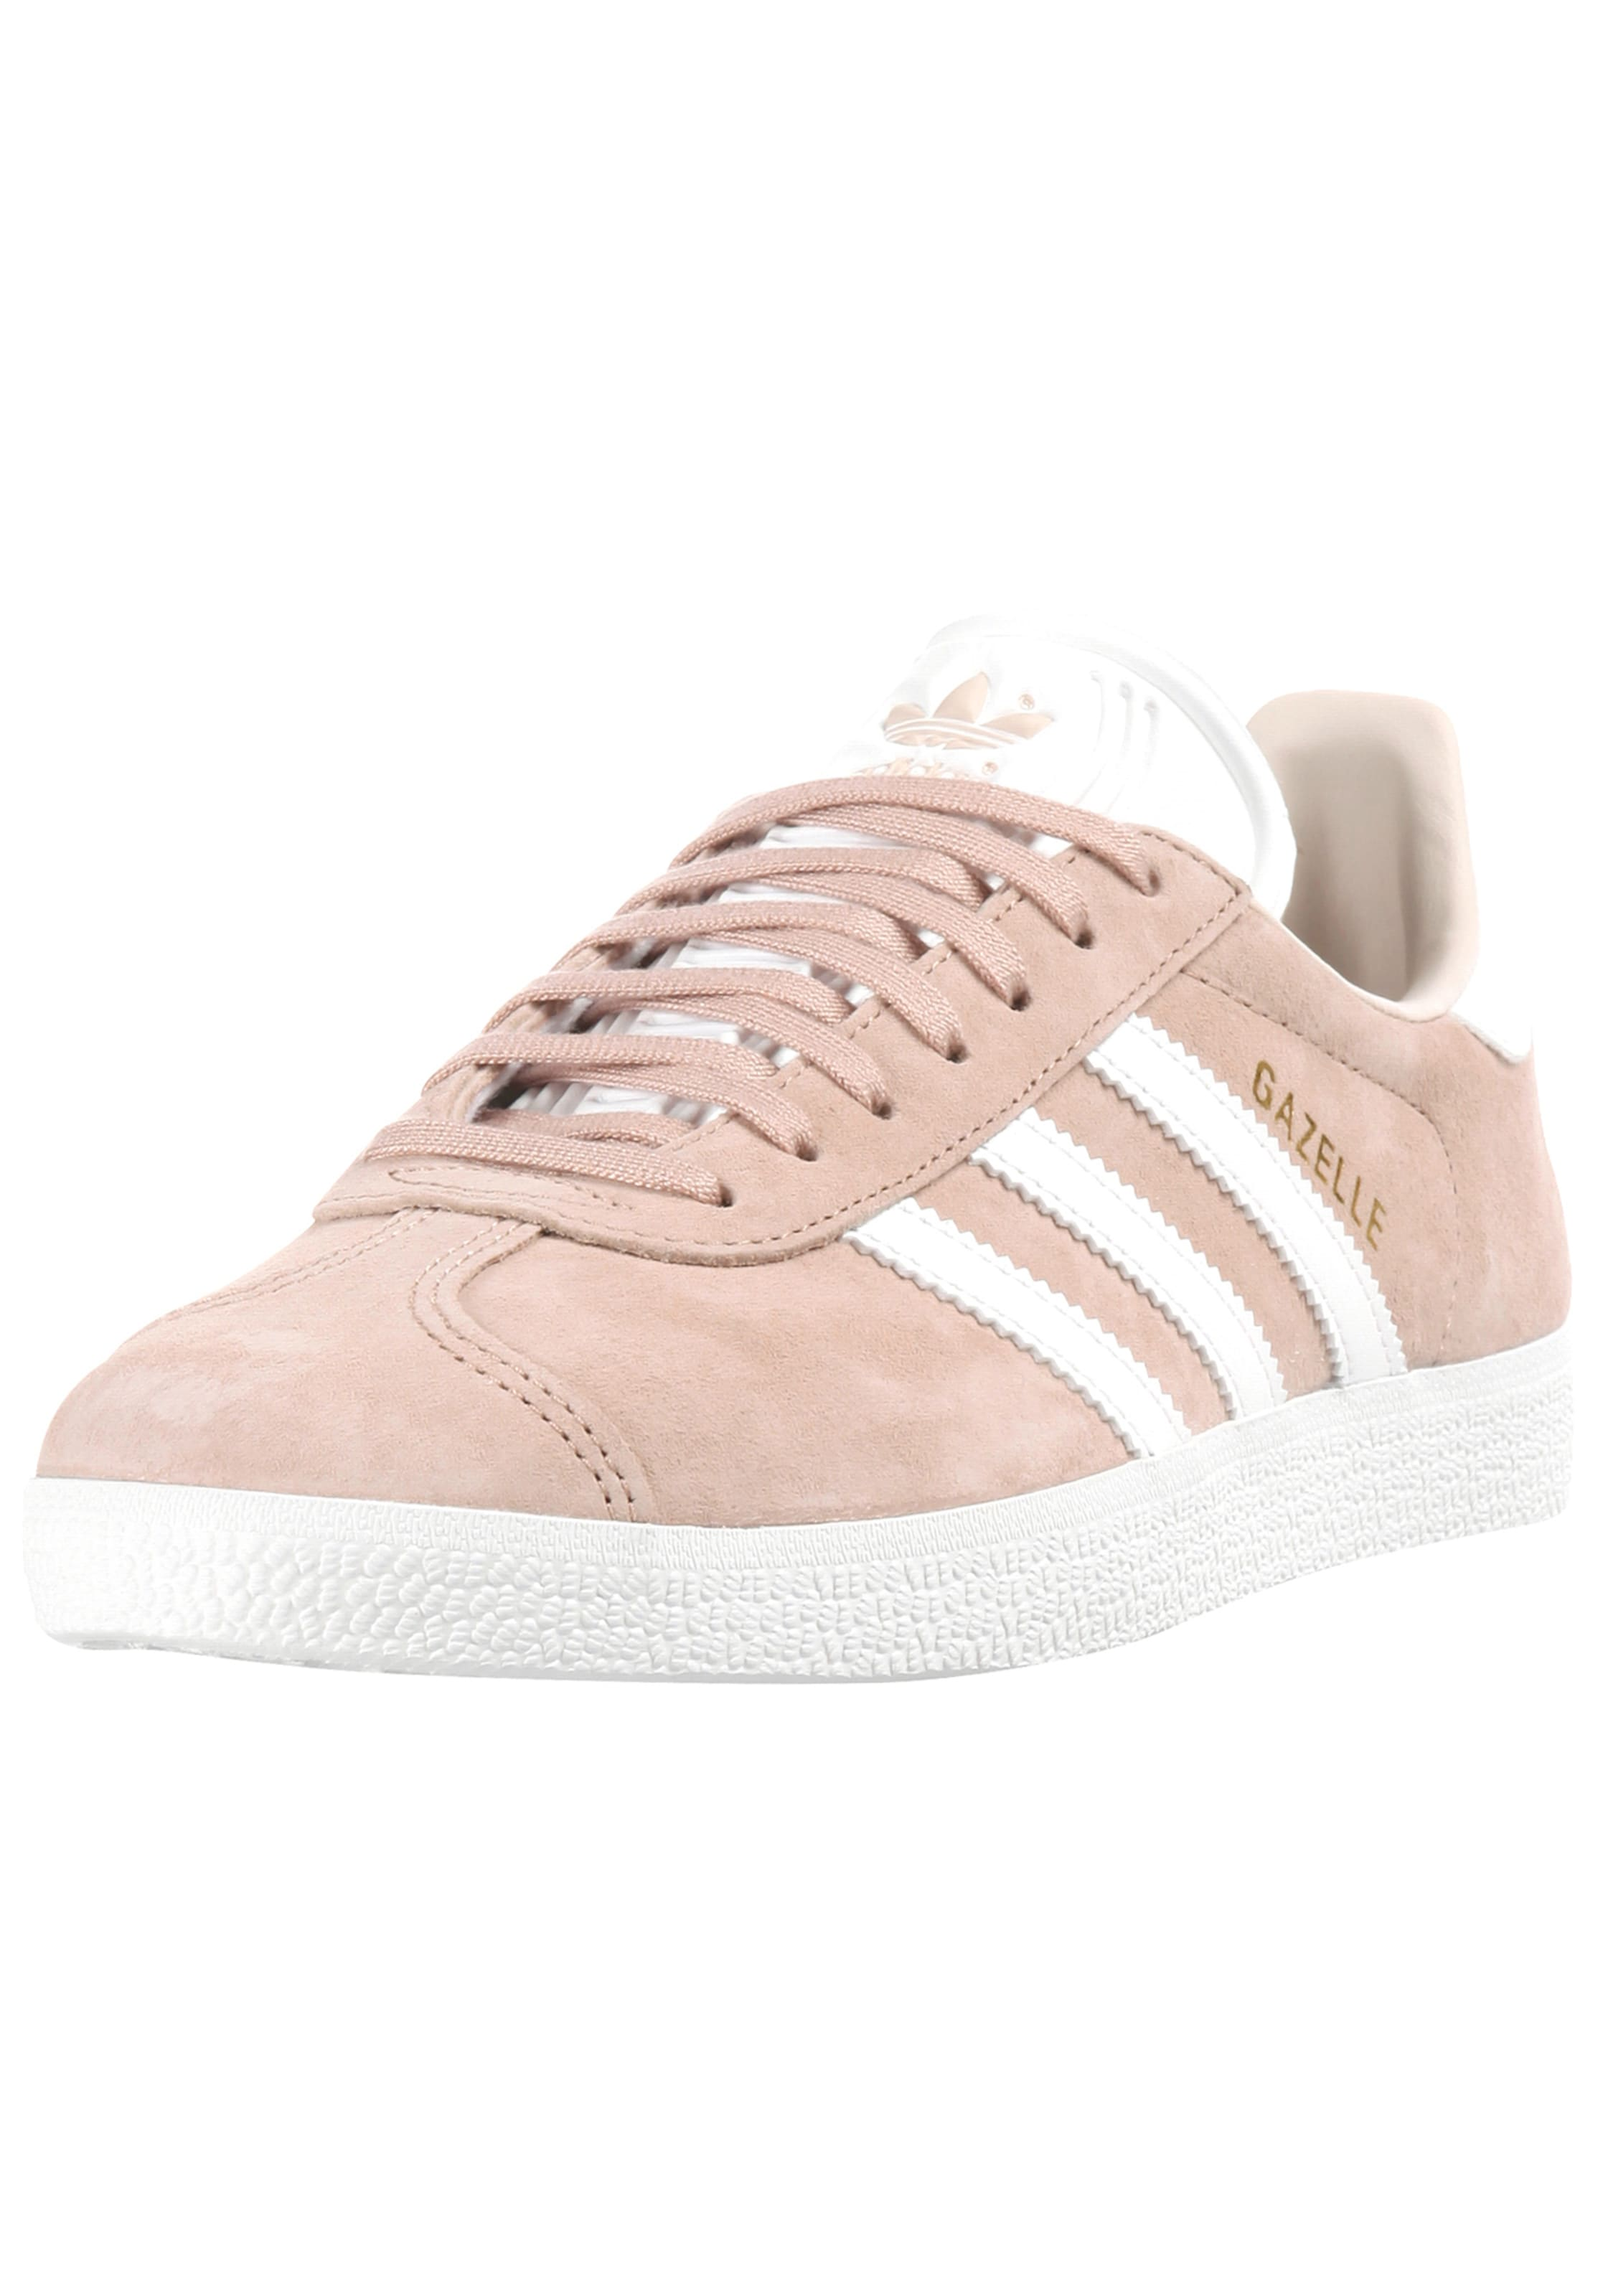 Haltbare Mode billige Schuhe ADIDAS ORIGINALS | Sneaker 'Gazelle' 'Gazelle' 'Gazelle' Schuhe Gut getragene Schuhe fd1db2